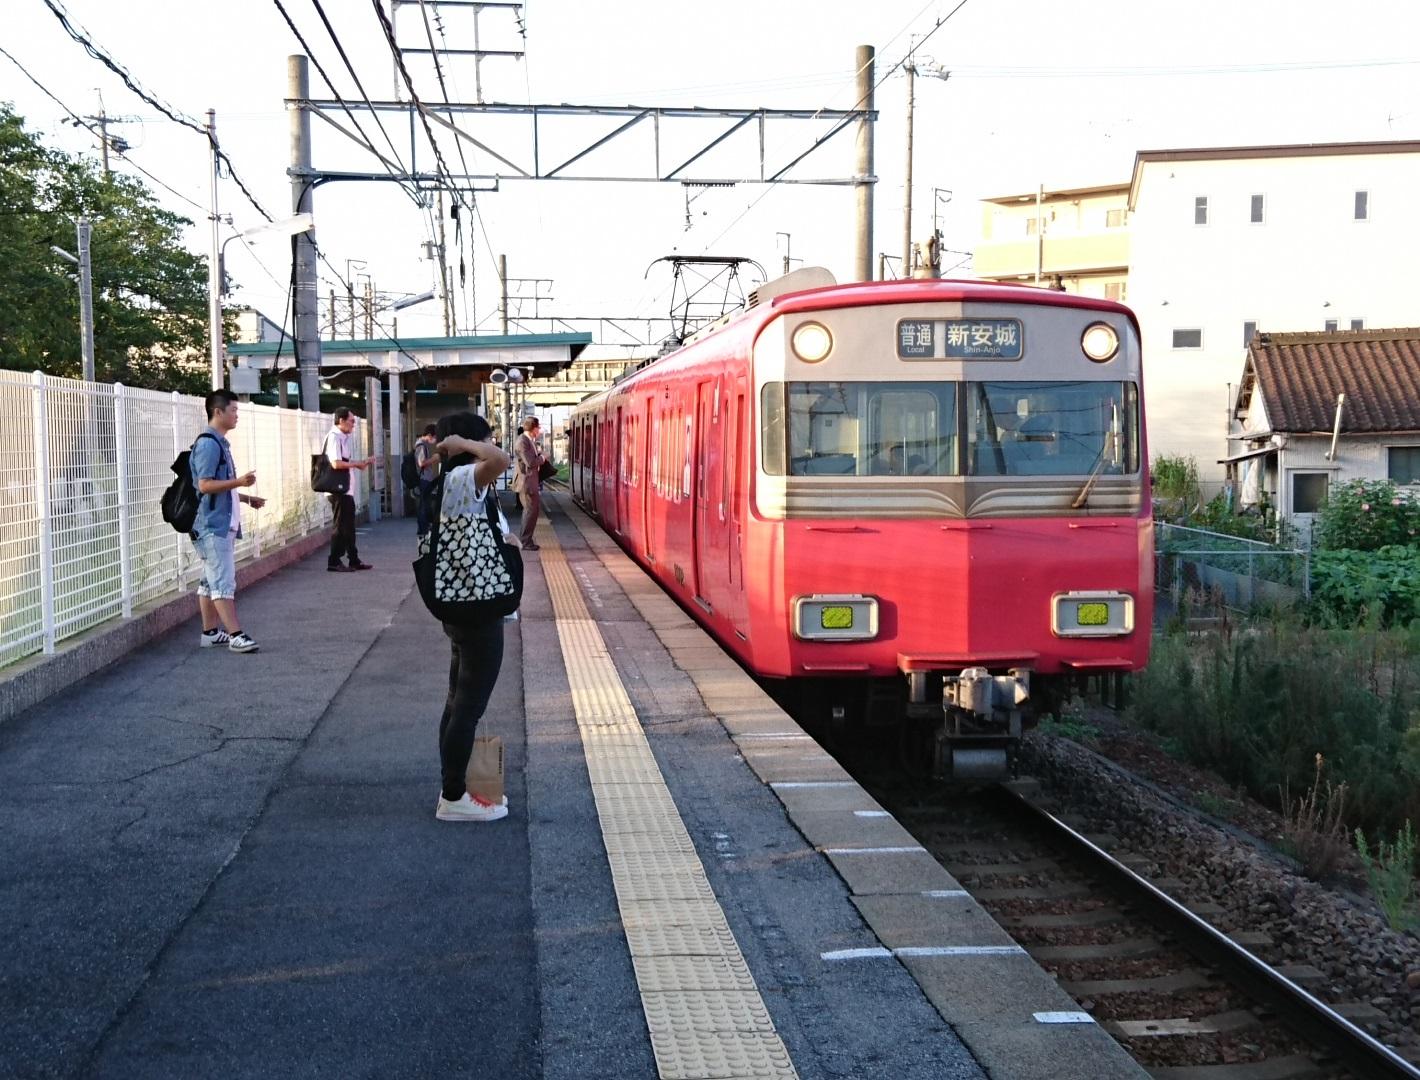 2017.8.24 名古屋 (1) 古井 - しんあんじょういきふつう 1420-1080